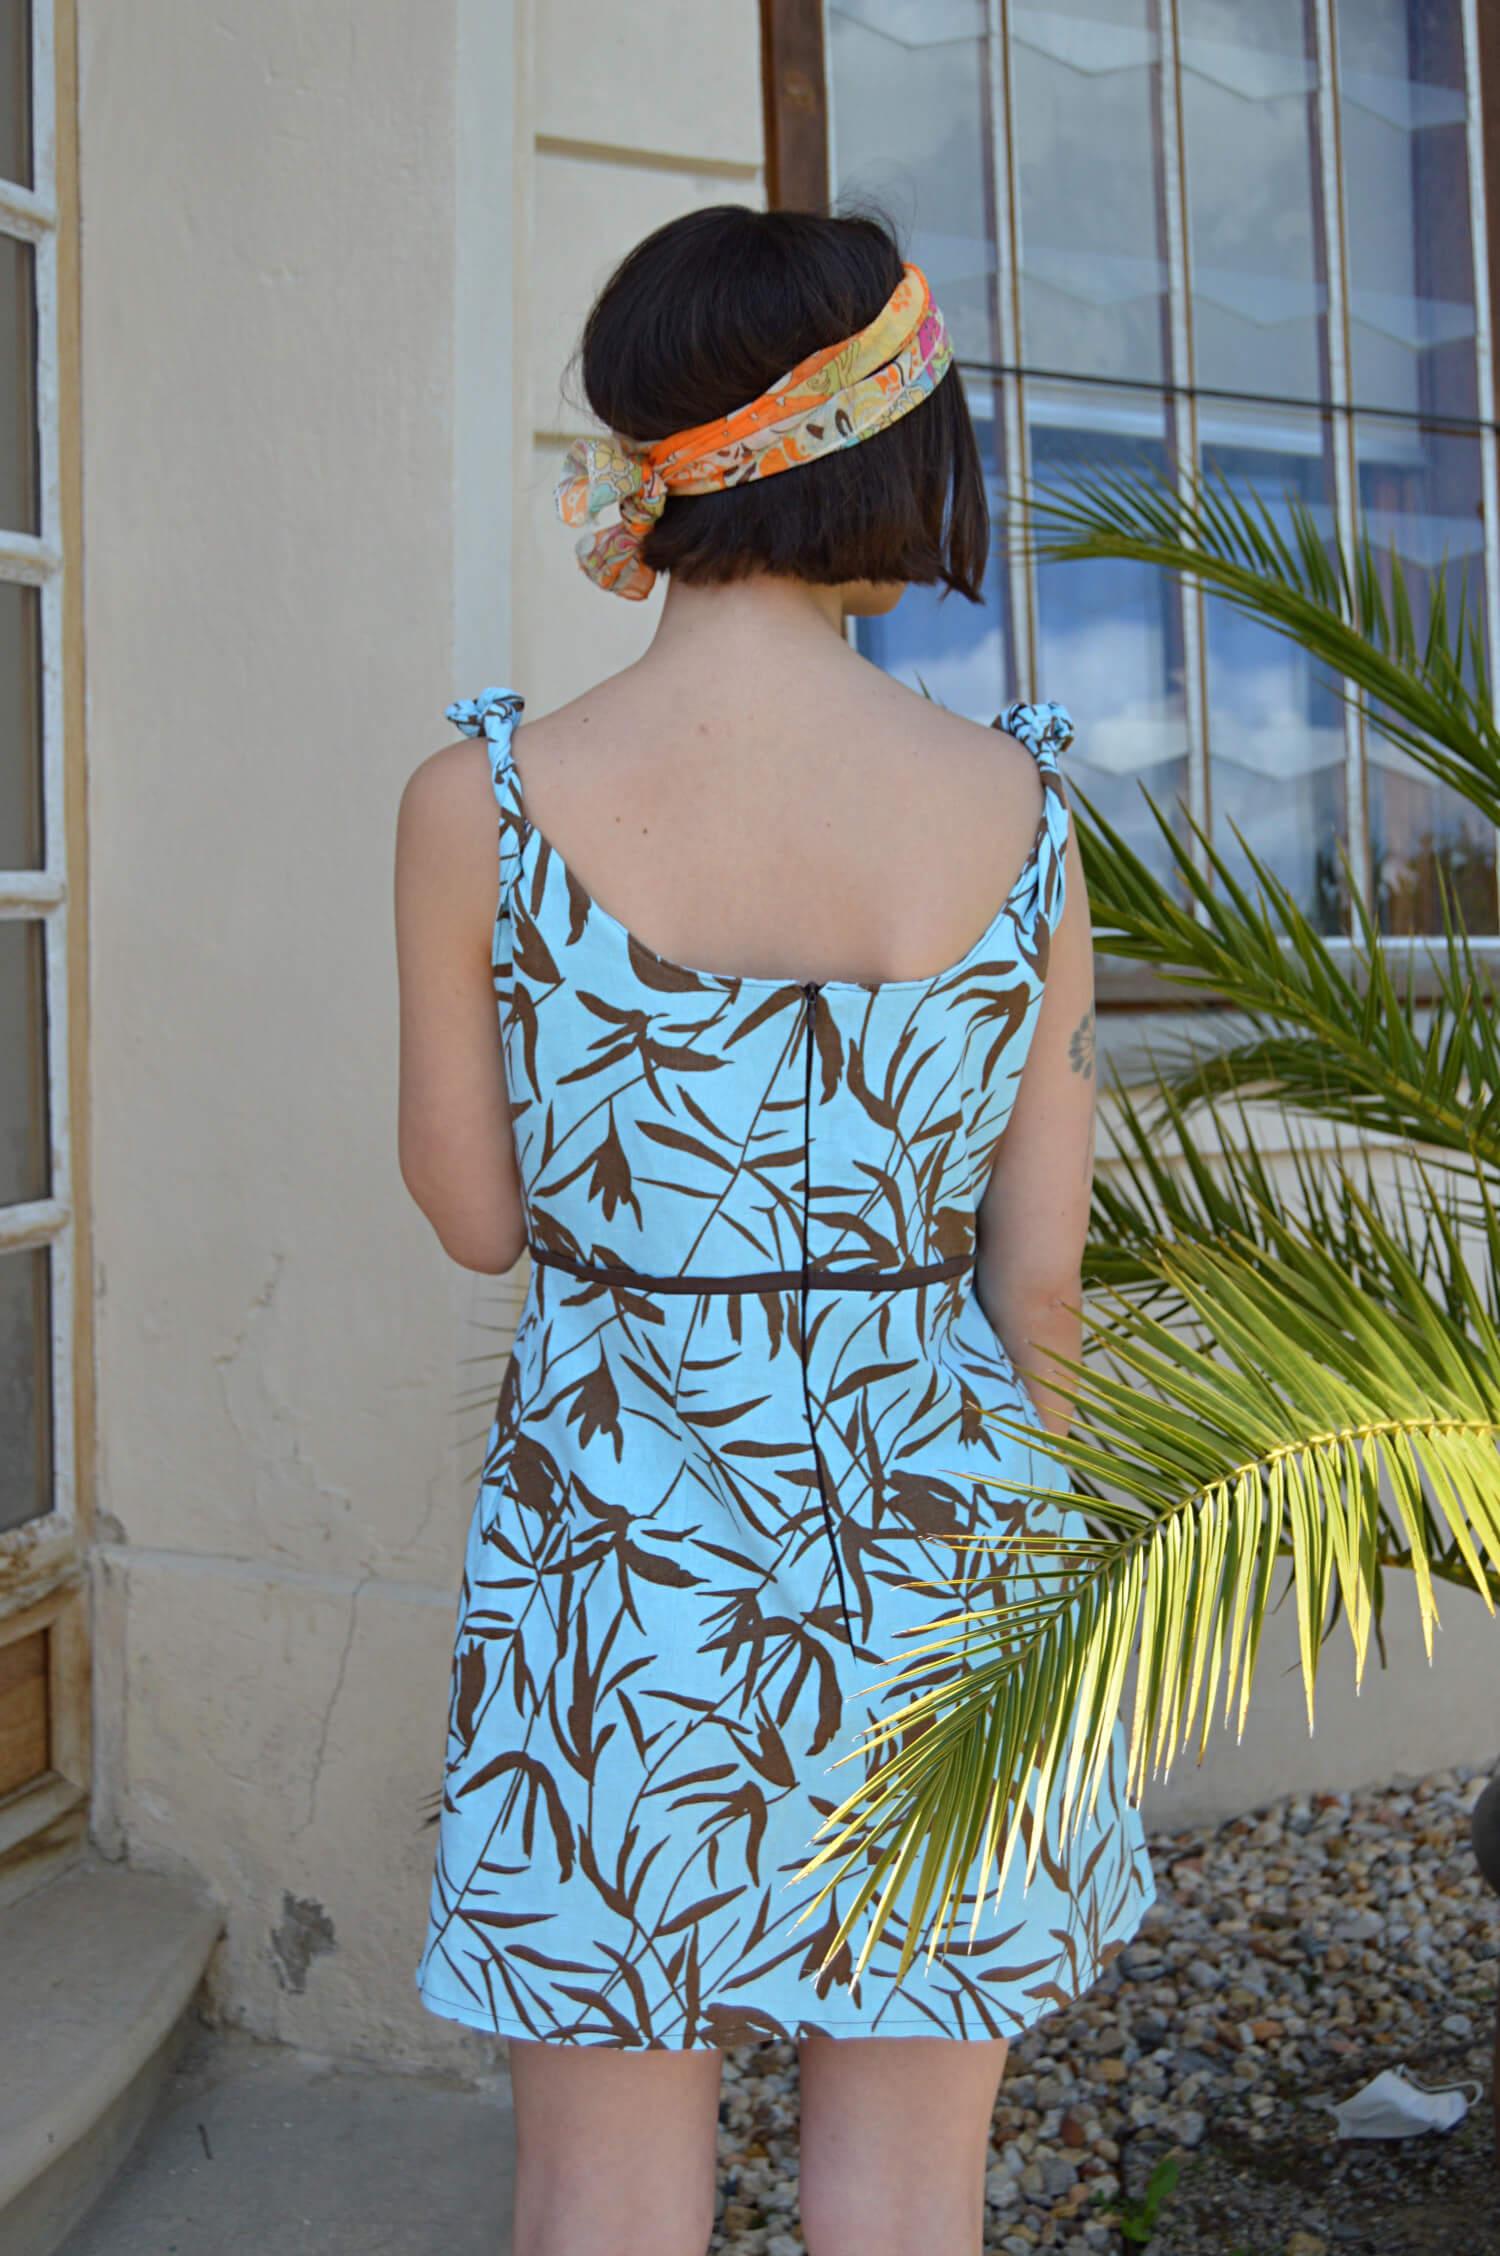 Letní modré slow fashion šaty s havajským vzorem